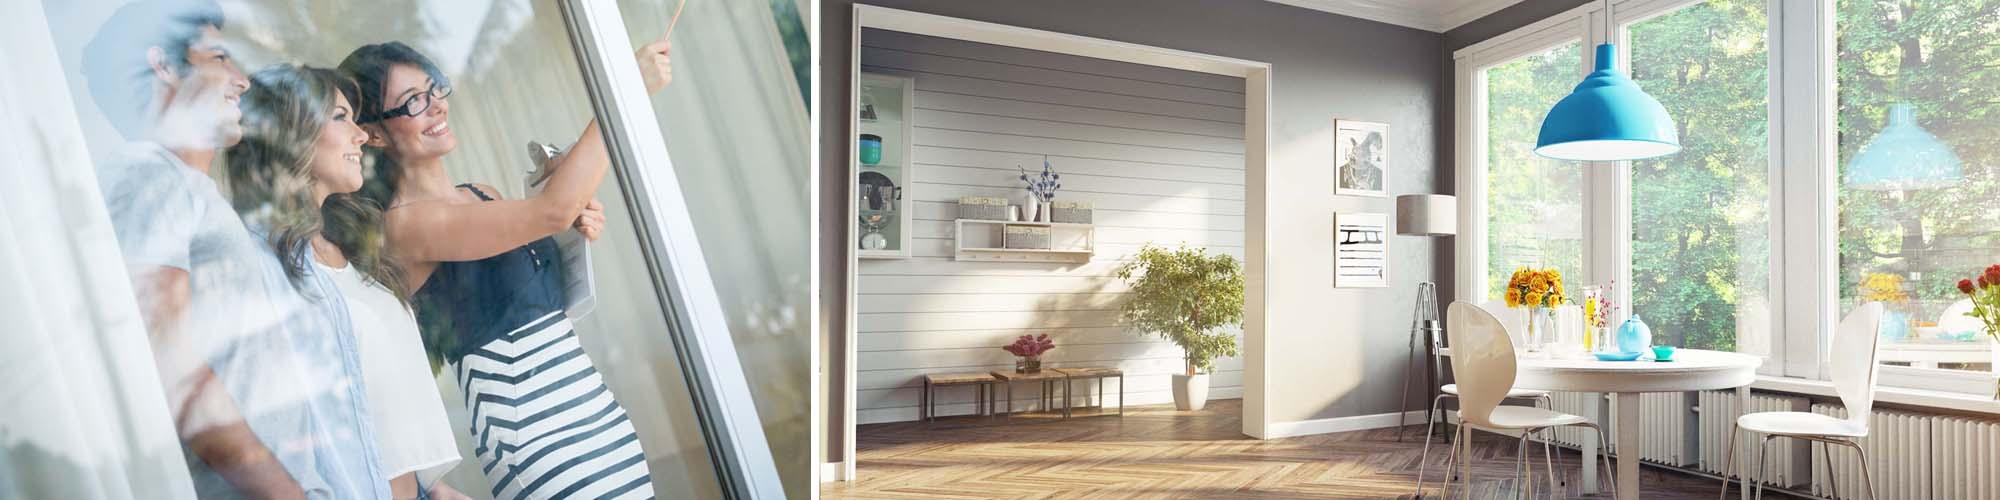 Makler - Wohnungen - Haus - Vermietung - Verkauf_2